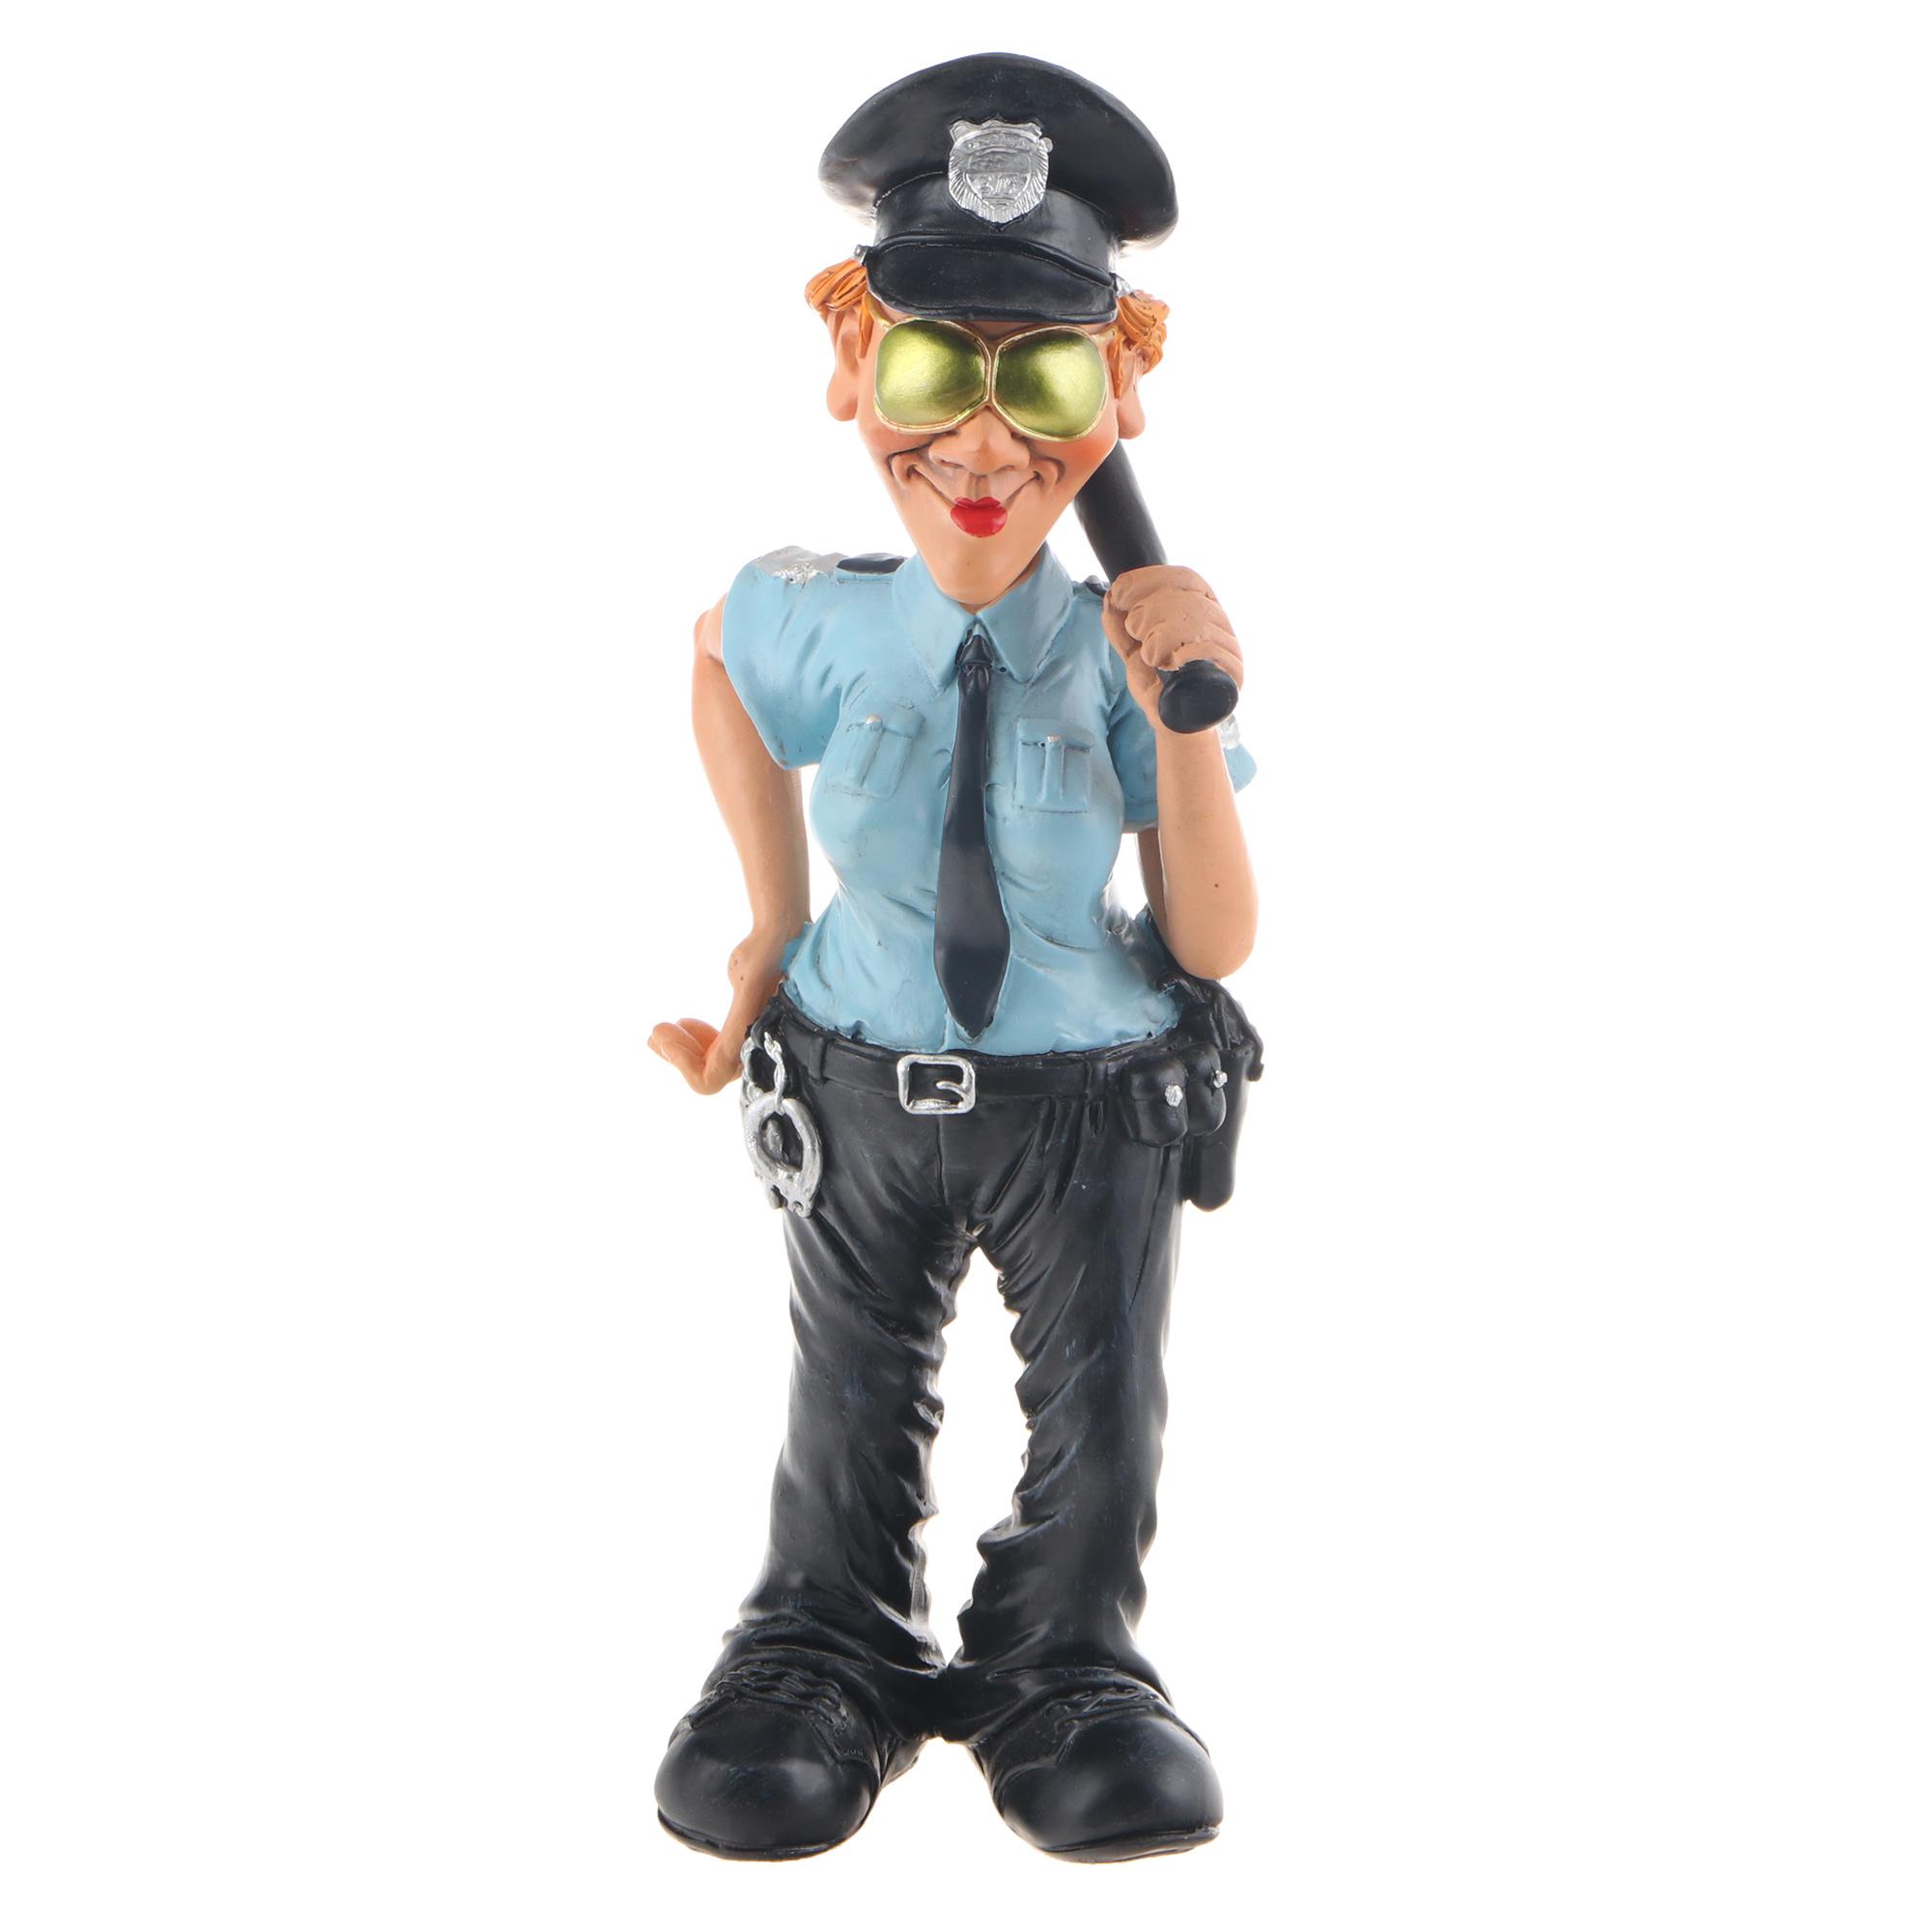 Фигура декоративная bizzotto deco полицейский кольцо декоративная для салфетки goodwill deco 5см